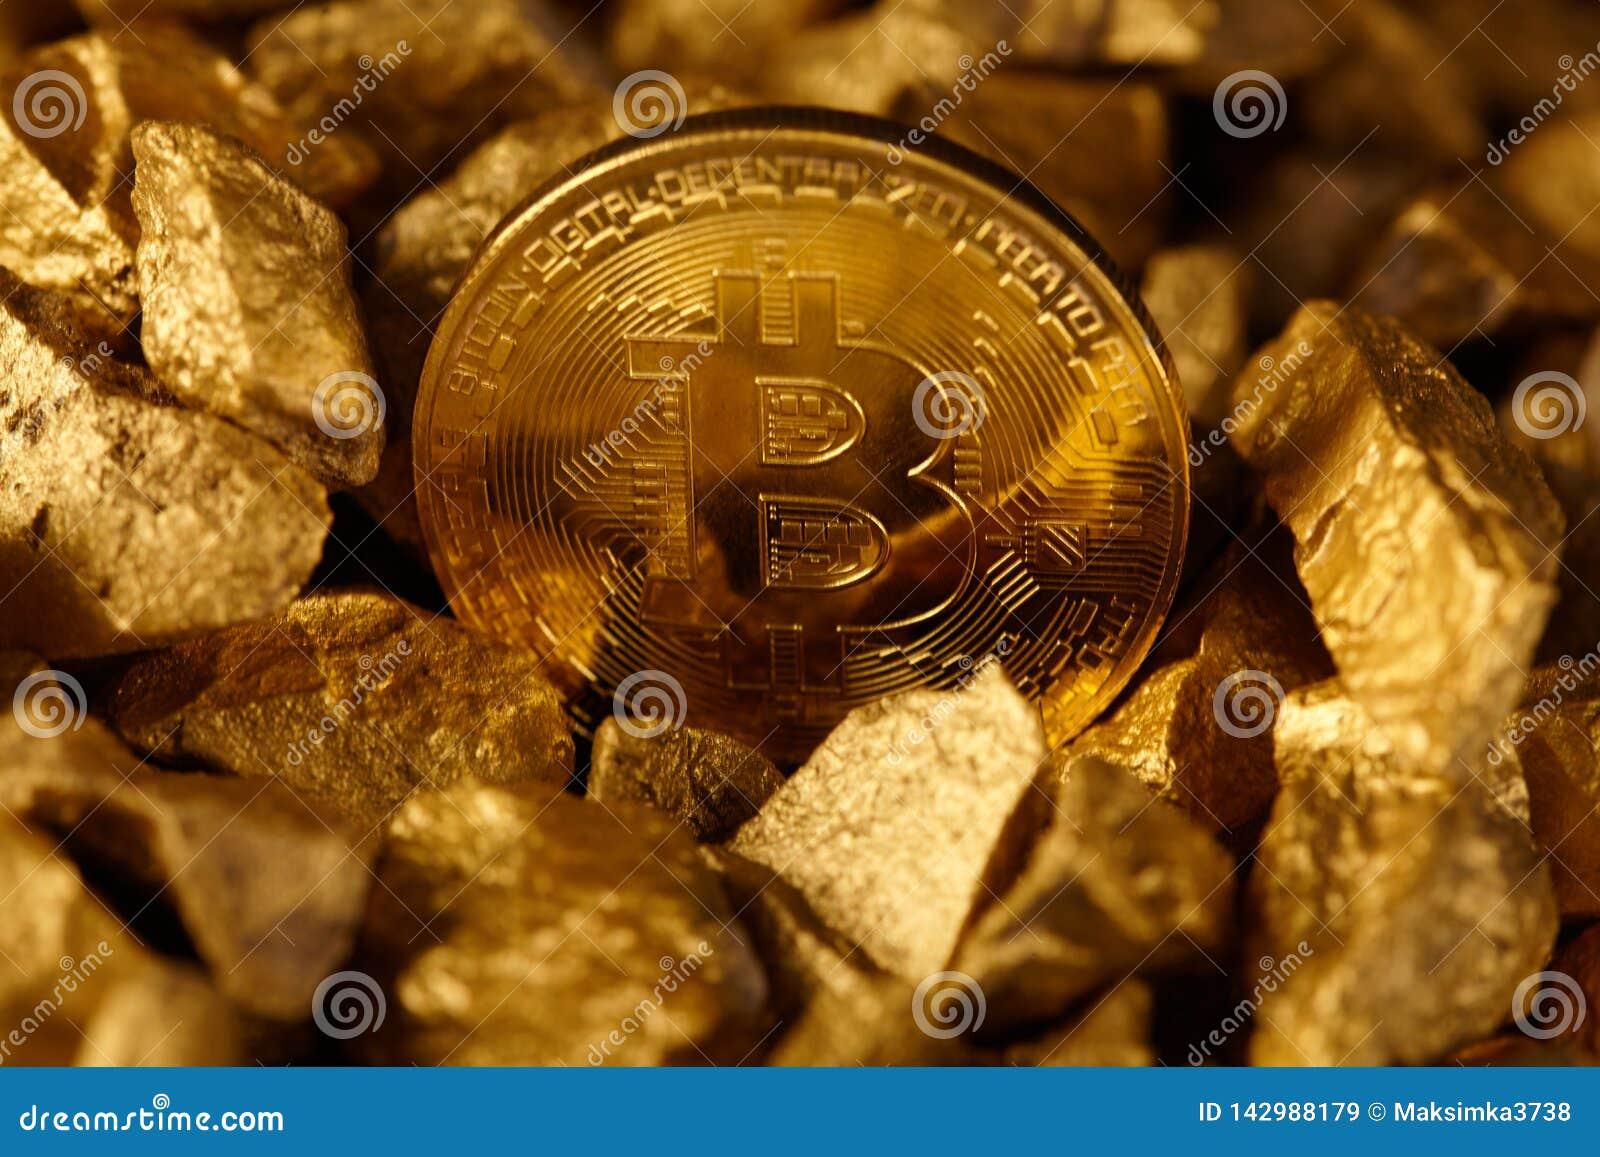 bitcoin nulis)